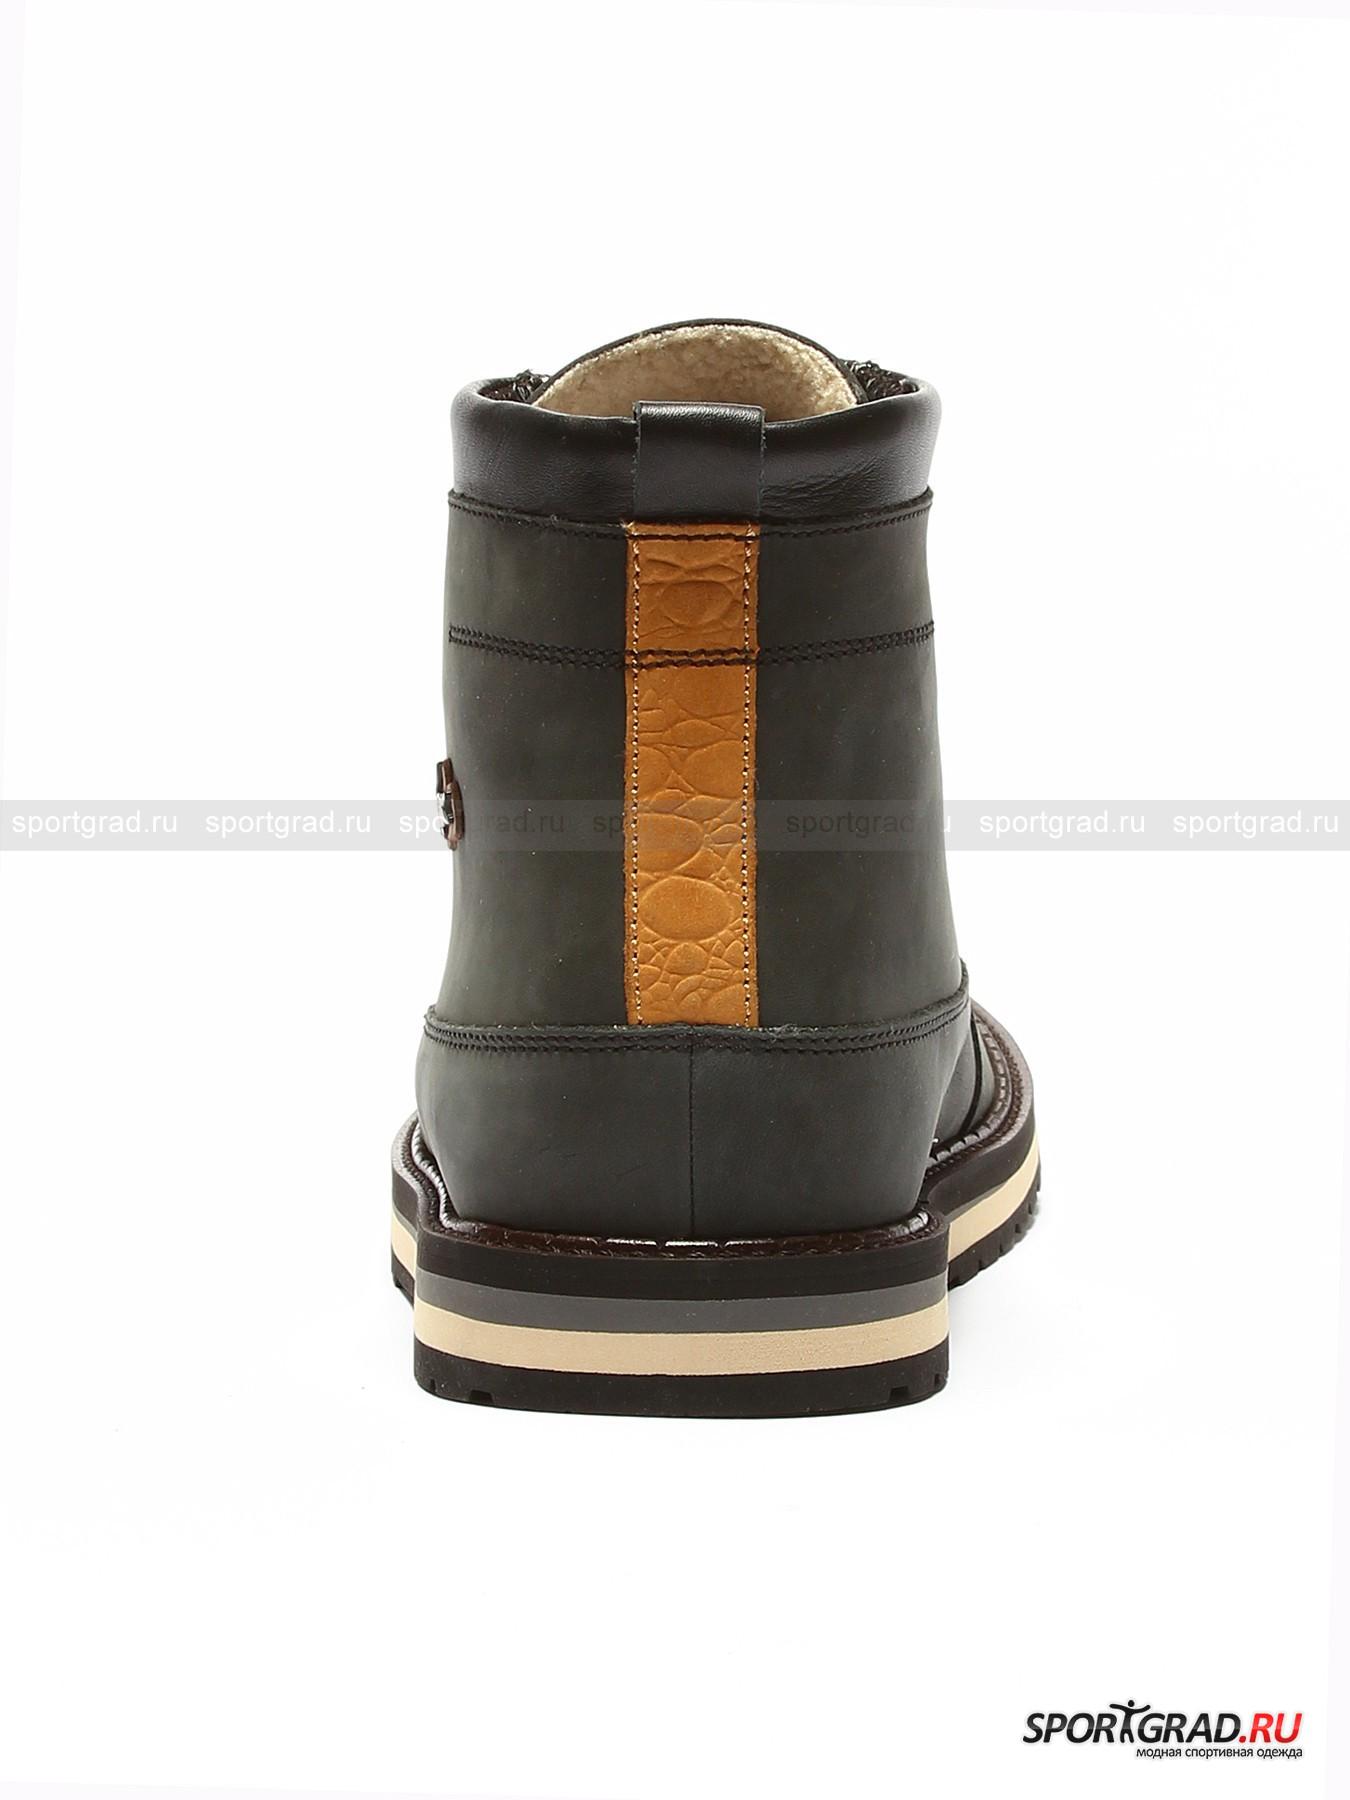 Ботинки мужские Fremen LACOSTE от Спортград